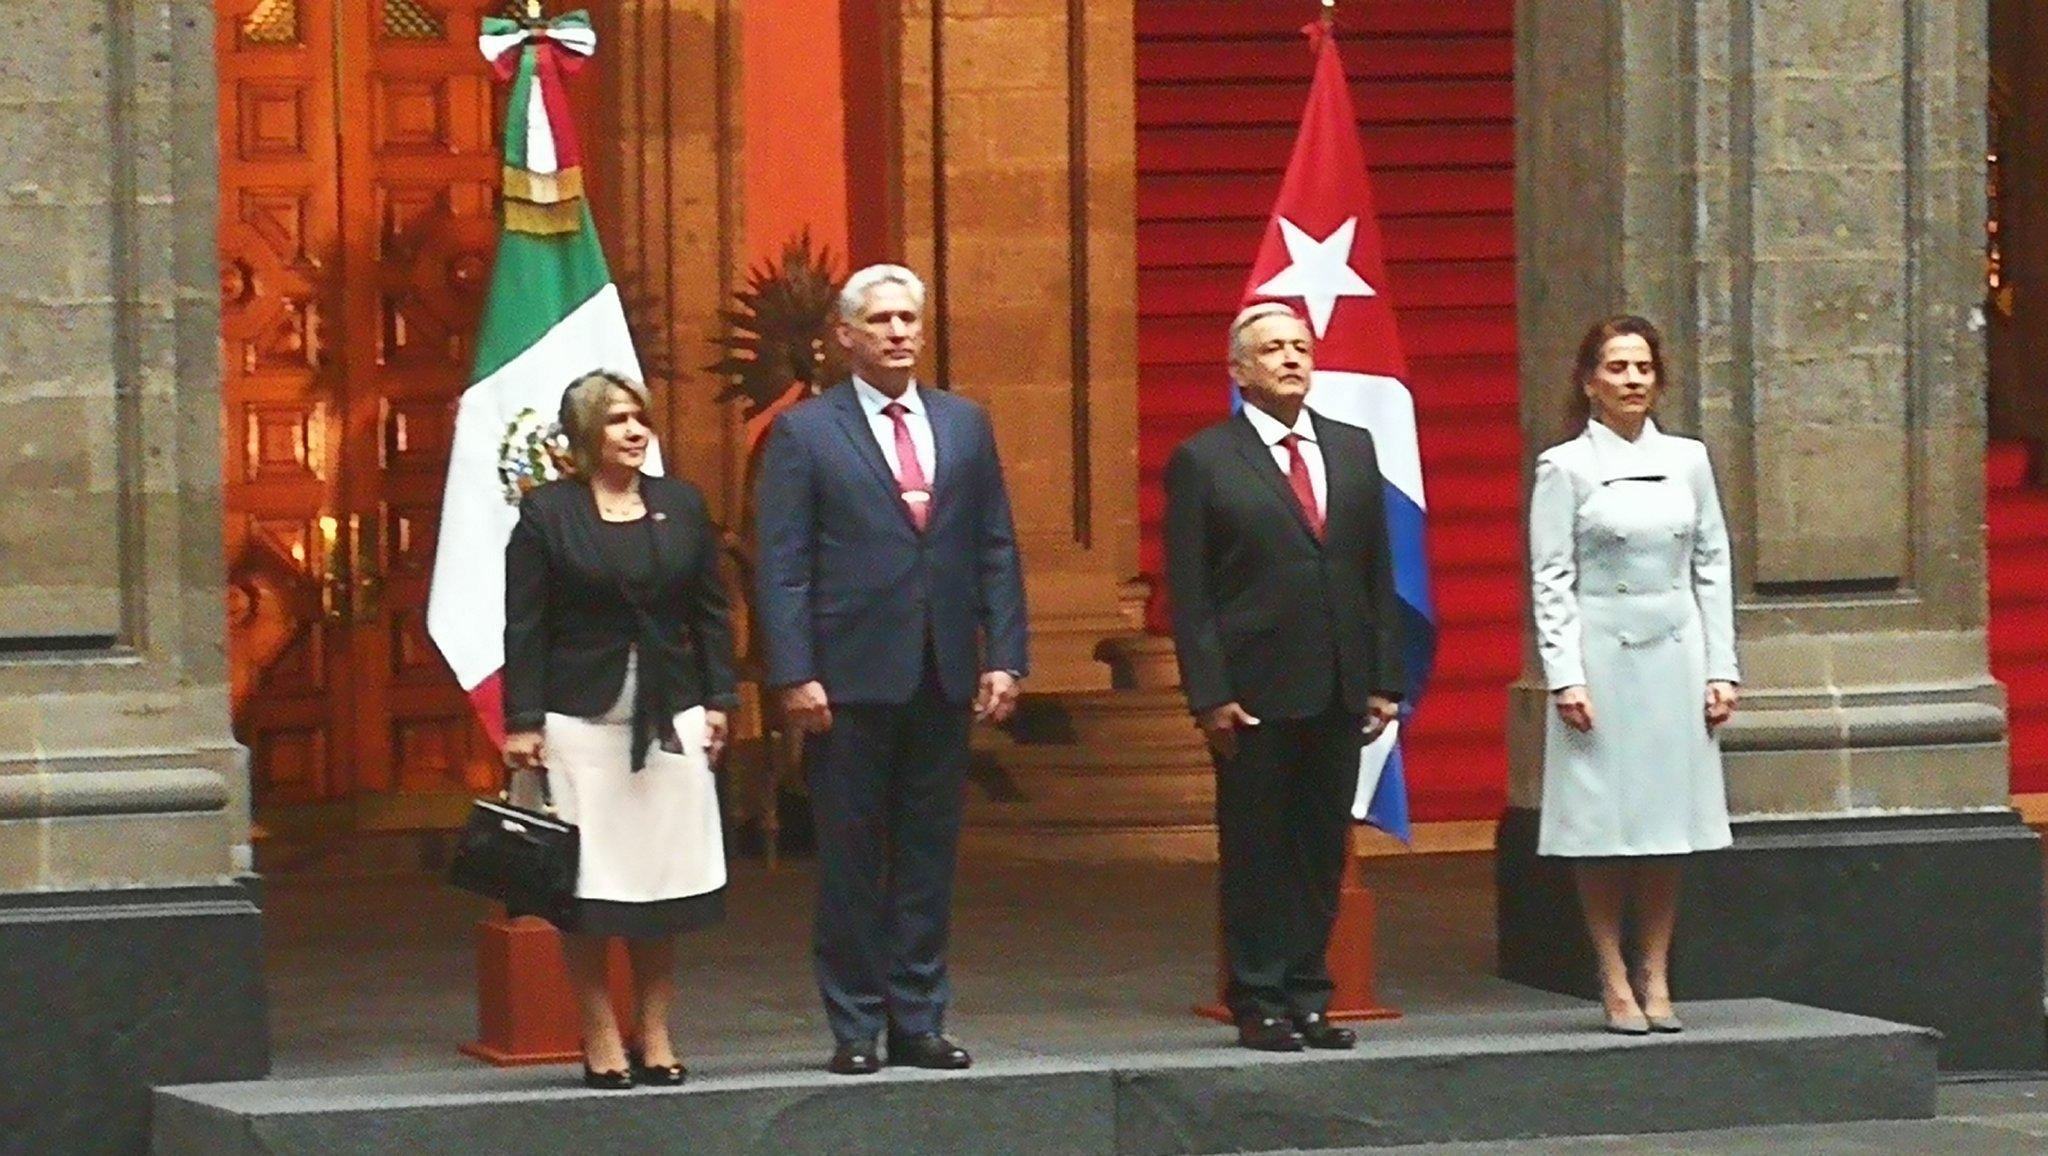 Le président mexicain reçoit son homologue cubain Miguel Díaz-Canel